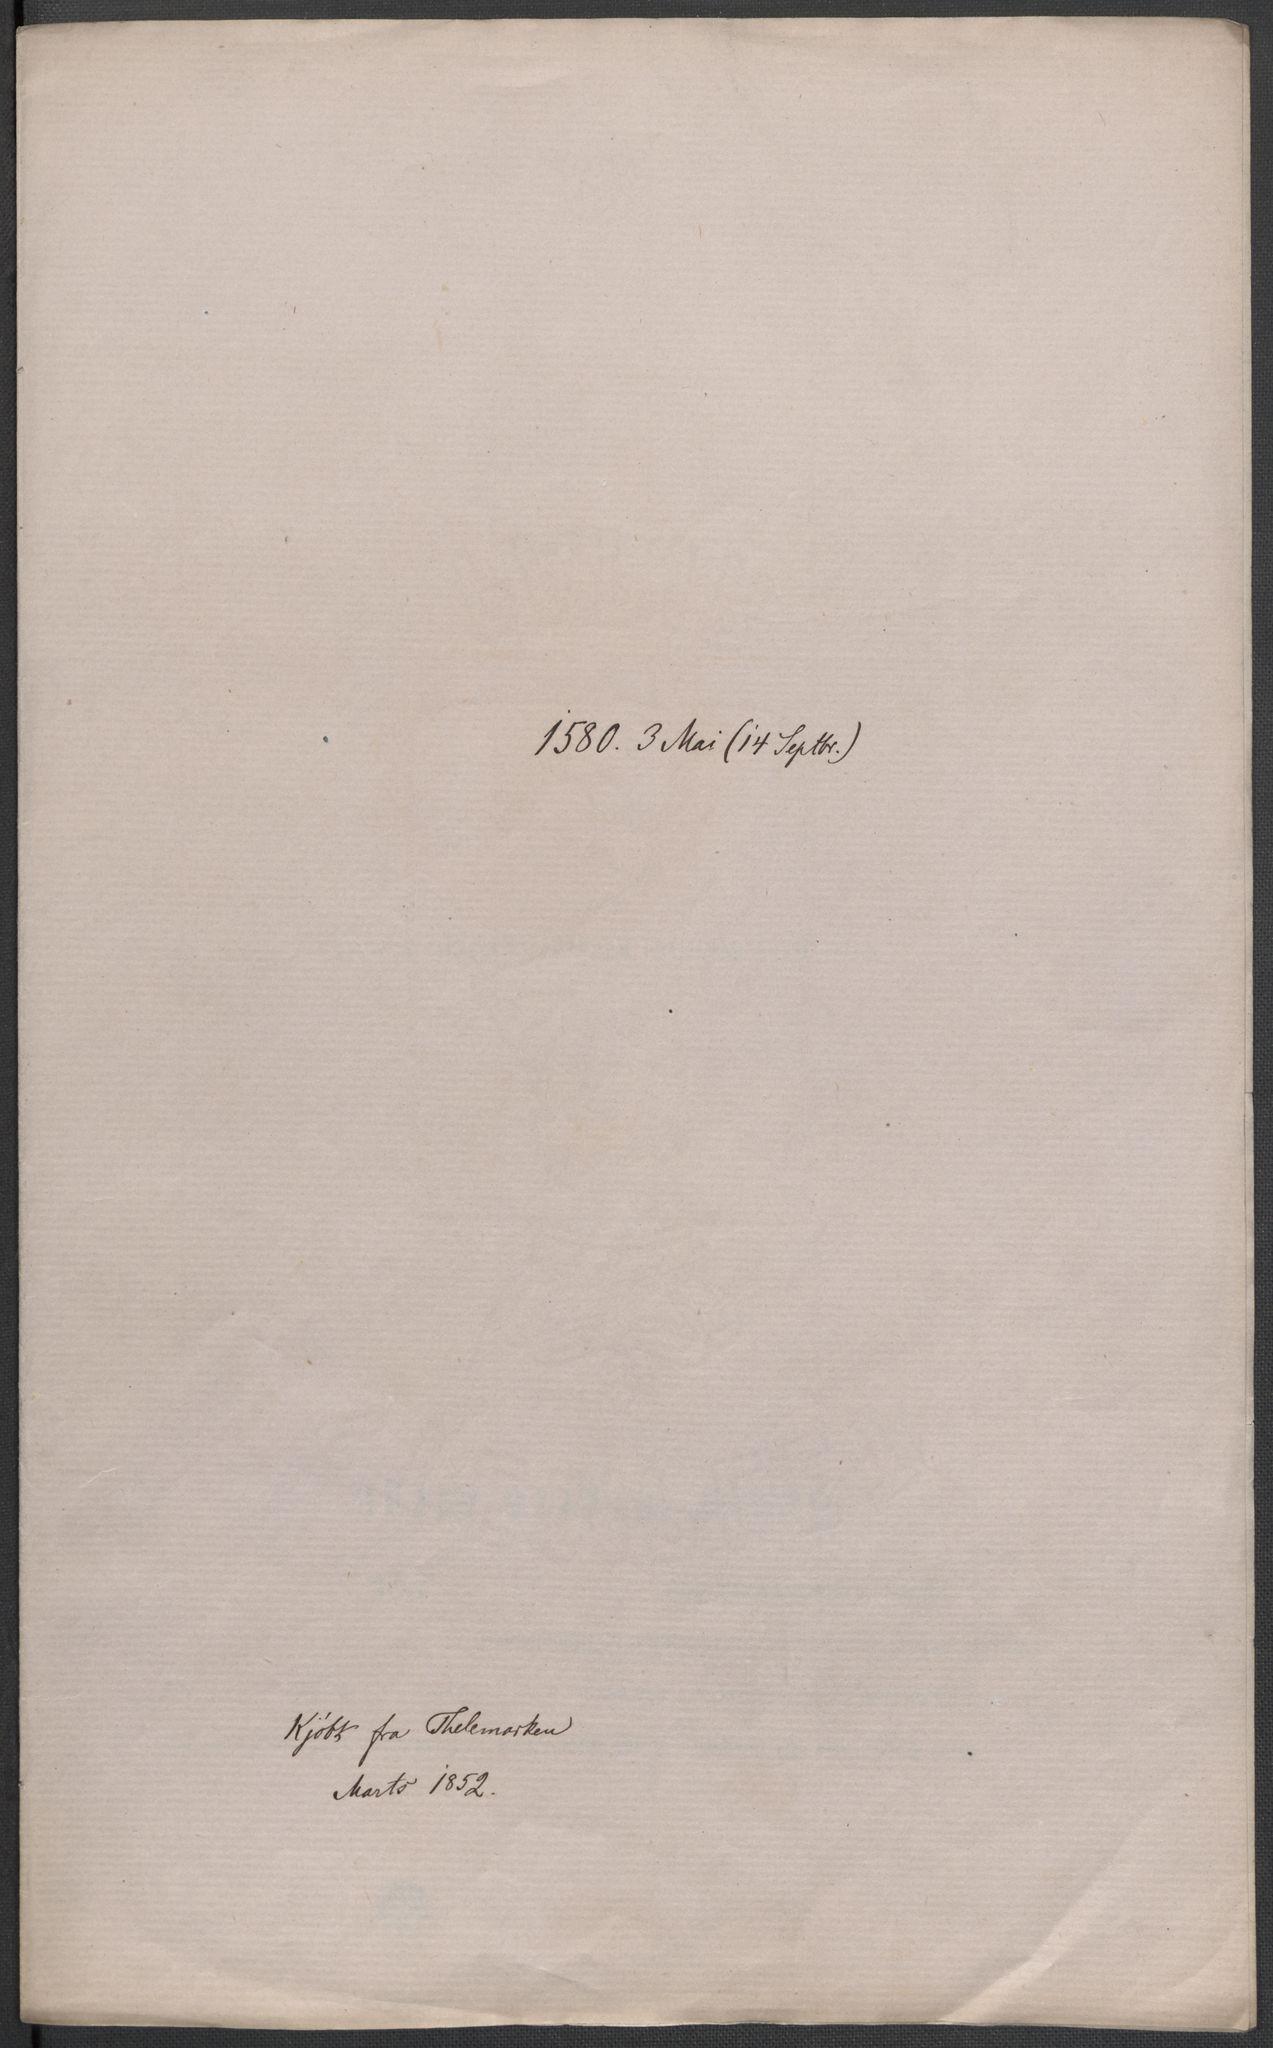 RA, Riksarkivets diplomsamling, F02/L0082: Dokumenter, 1580, s. 18